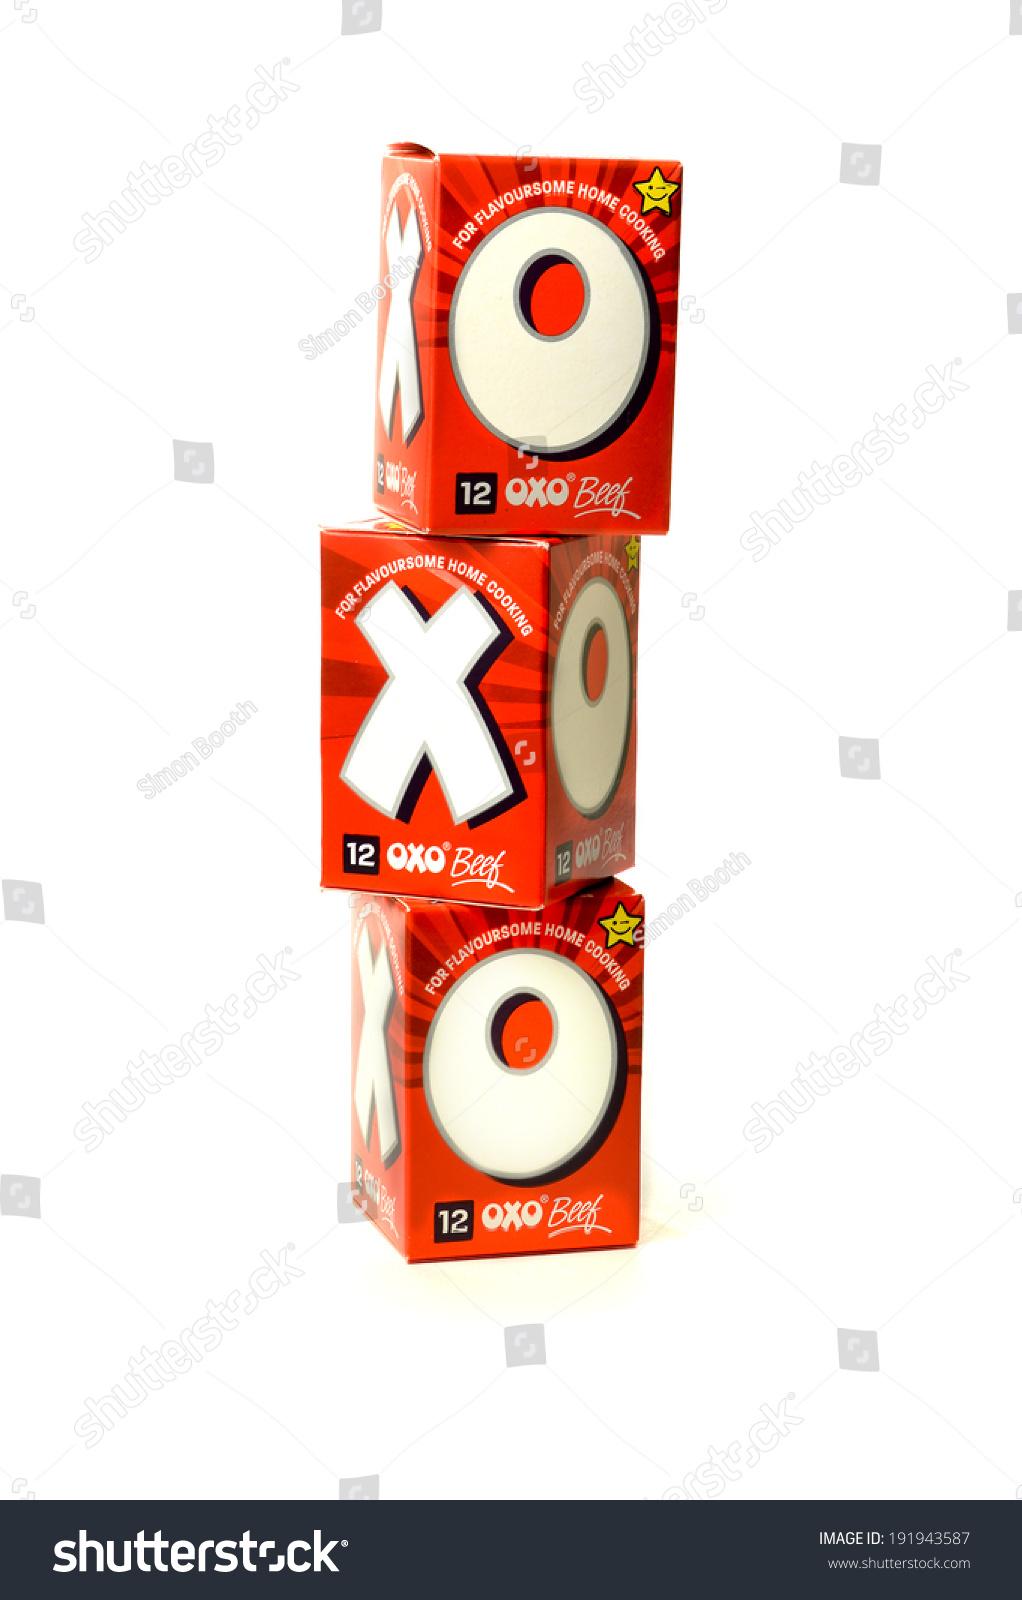 Nottingham united kingdom may 10 2014 stock photo 191943587 nottingham united kingdom may 10 2014 boxed cartons containing oxo cubes buycottarizona Gallery